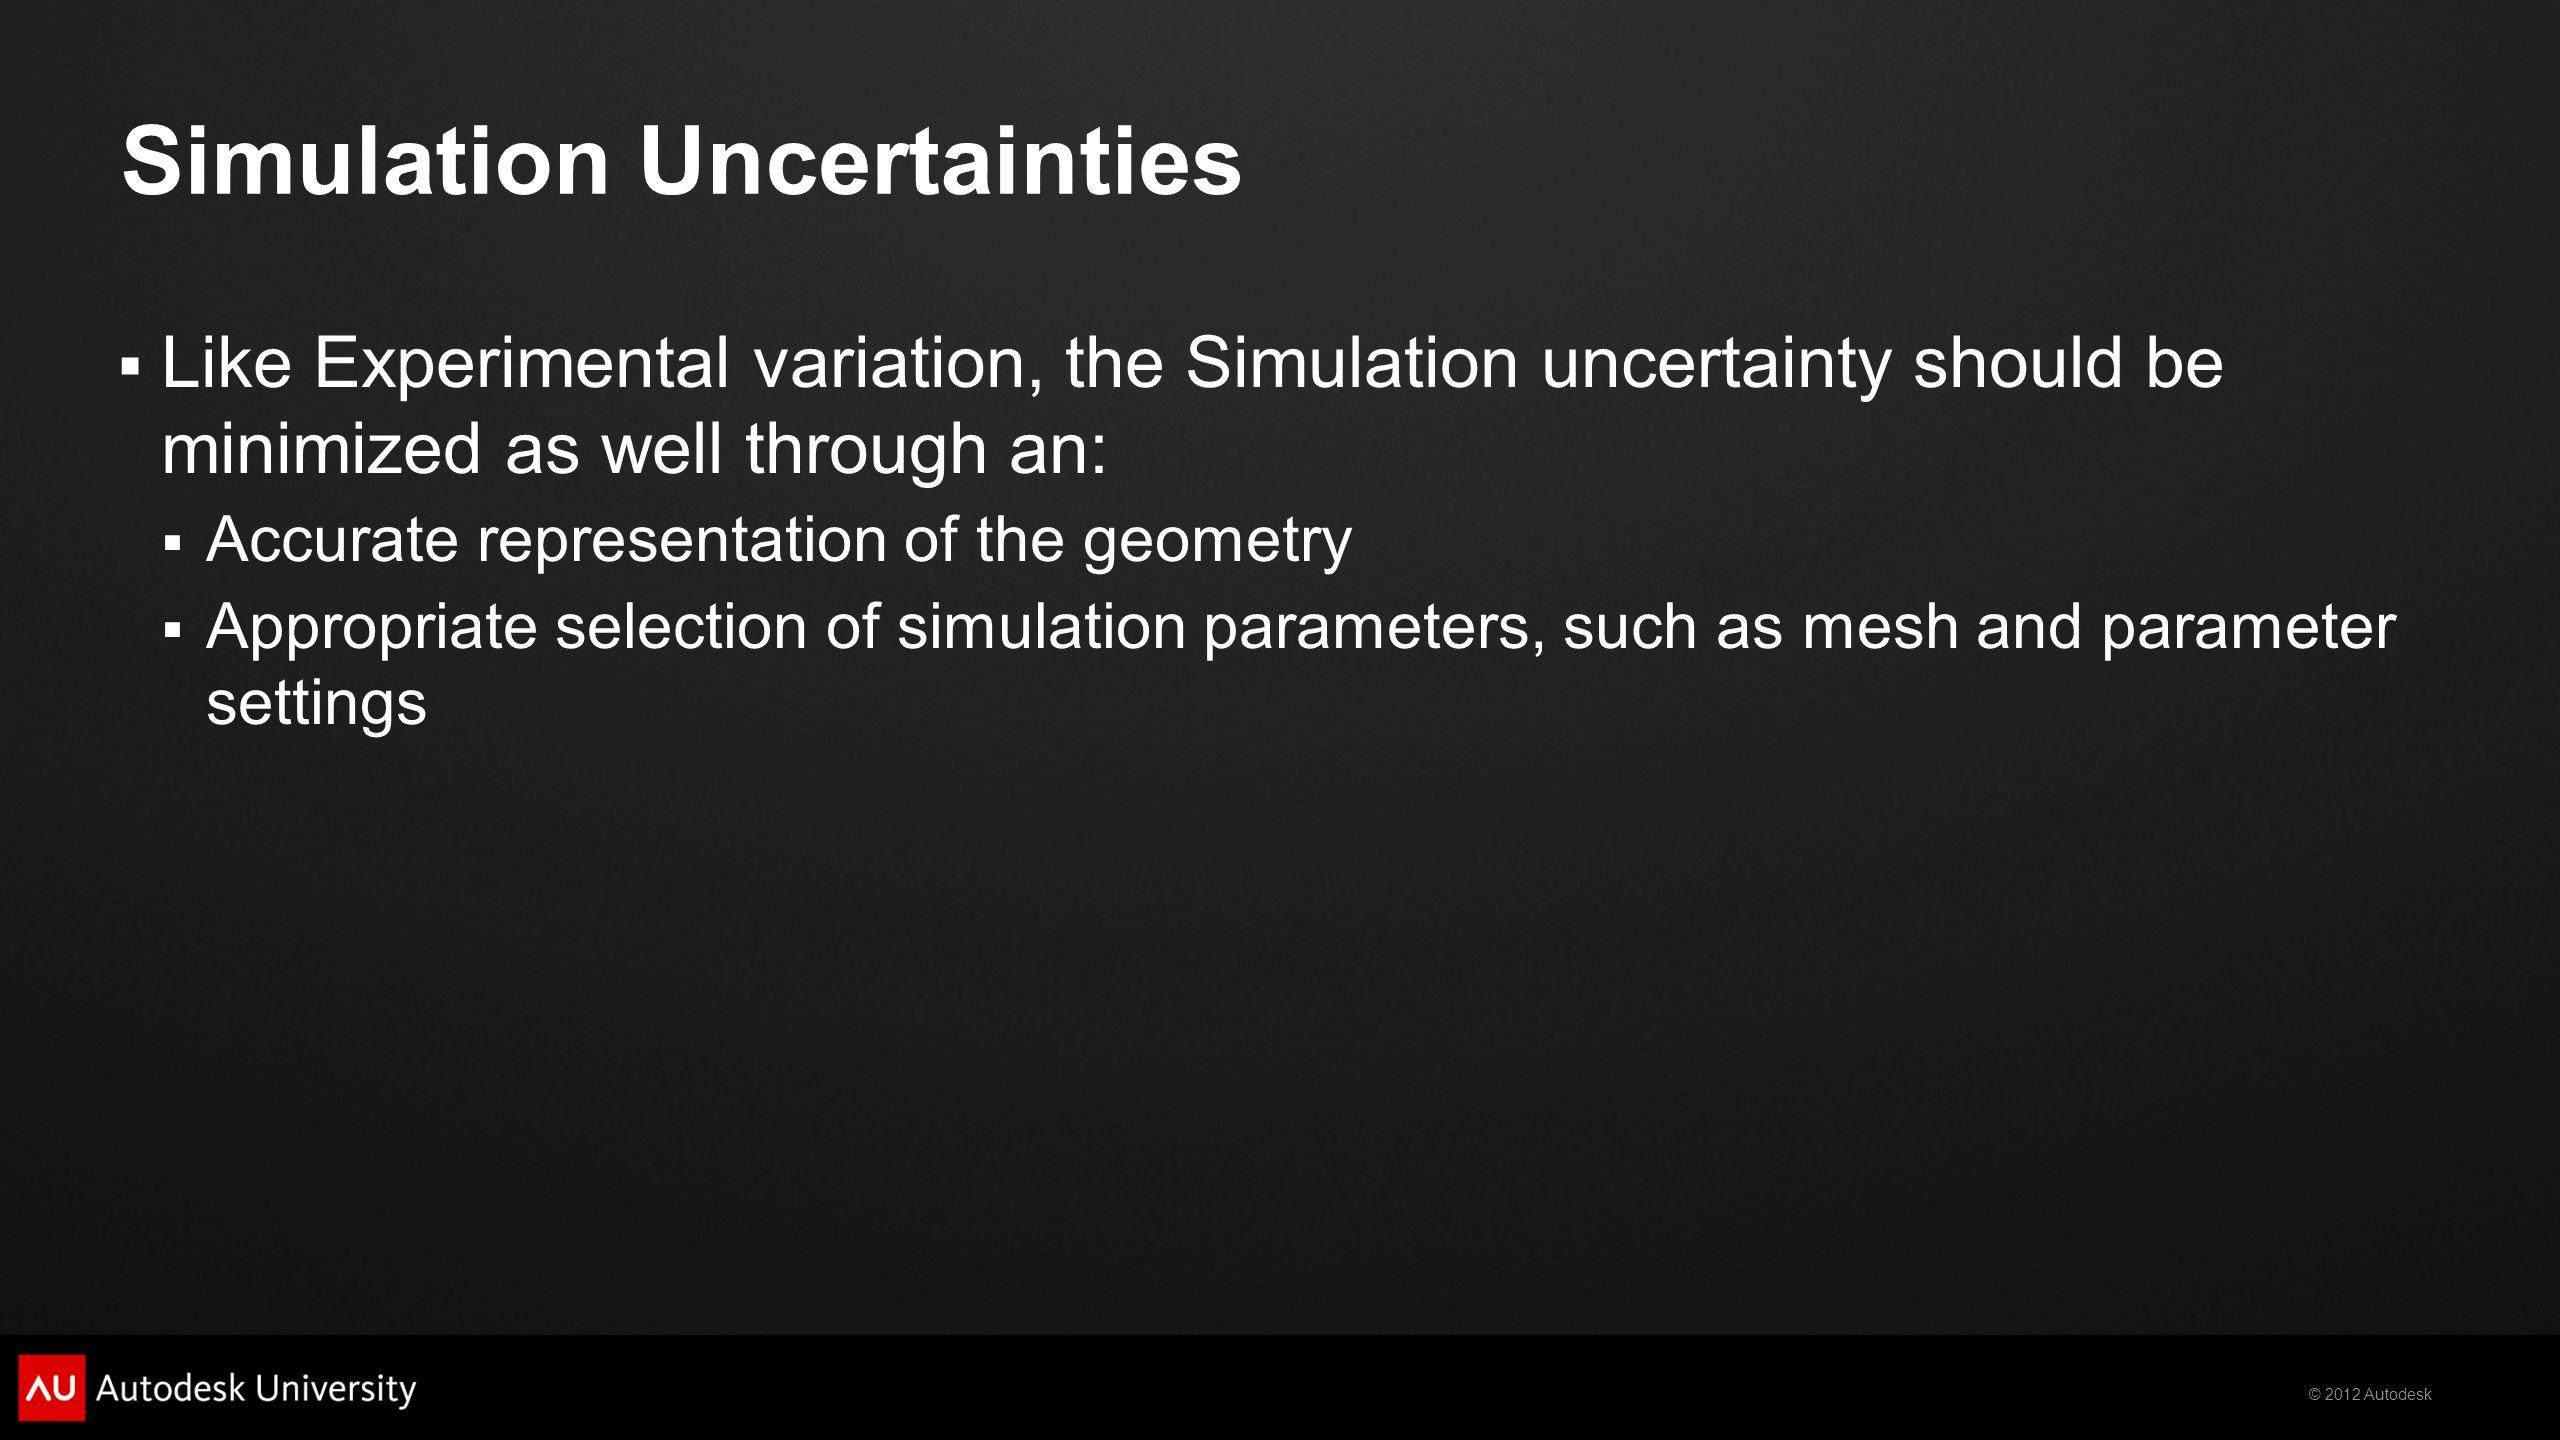 Simulation Uncertainties